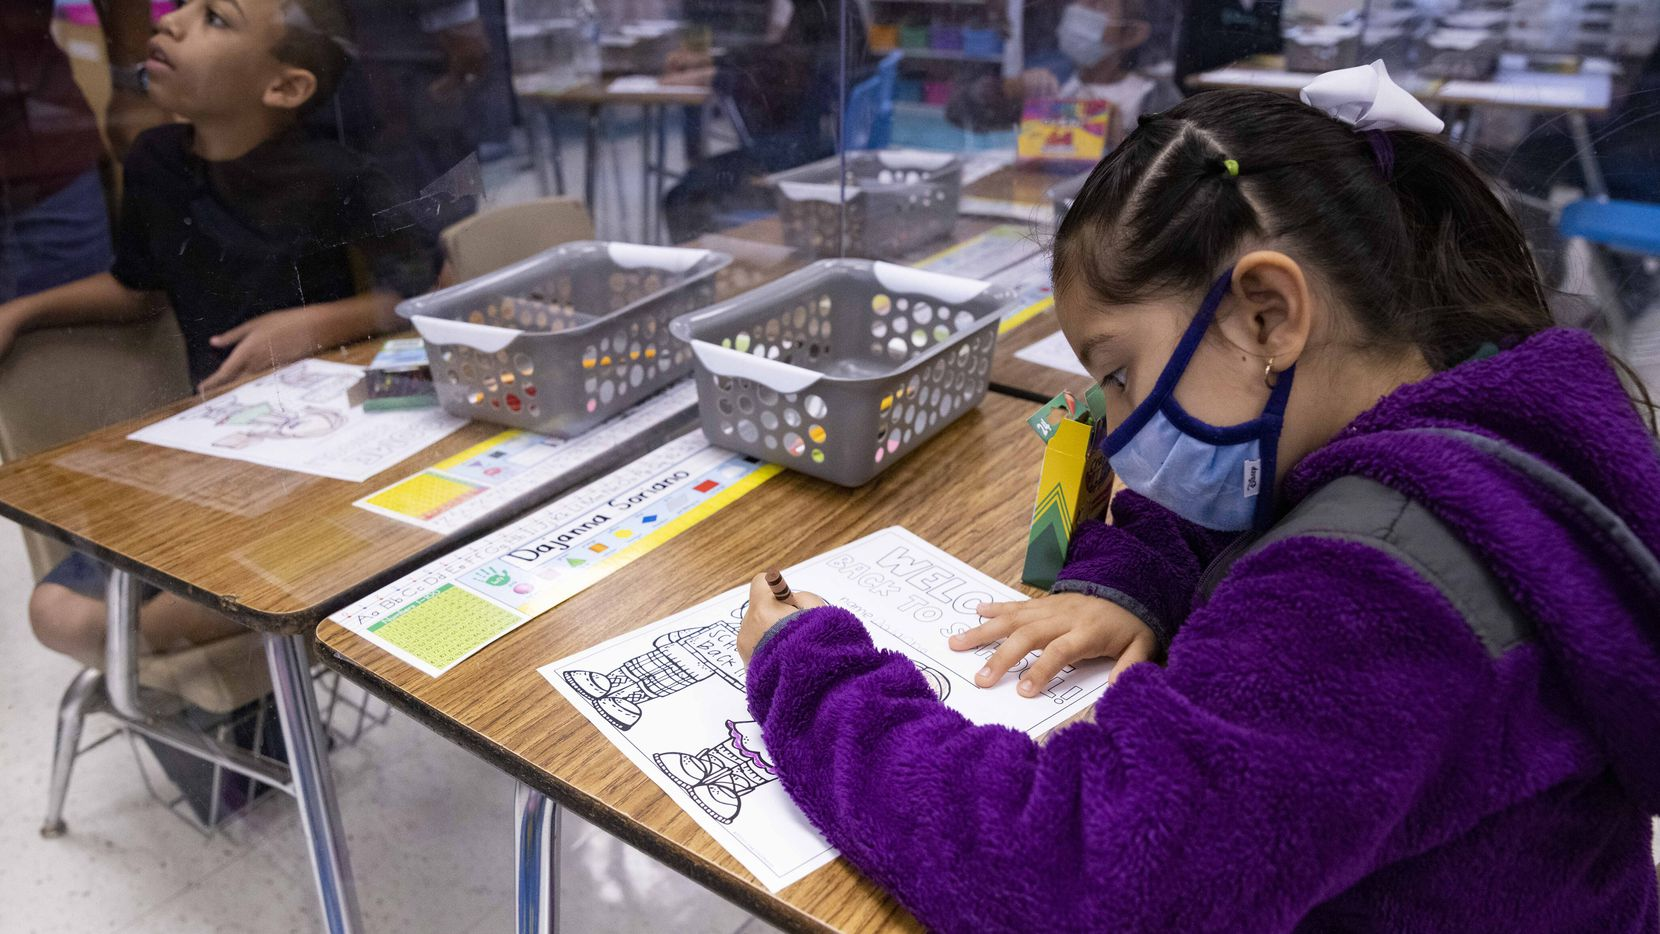 Los alumnos con una prueba positiva de covid-19 podrán tener instrucción en línea por hasta 20 días.